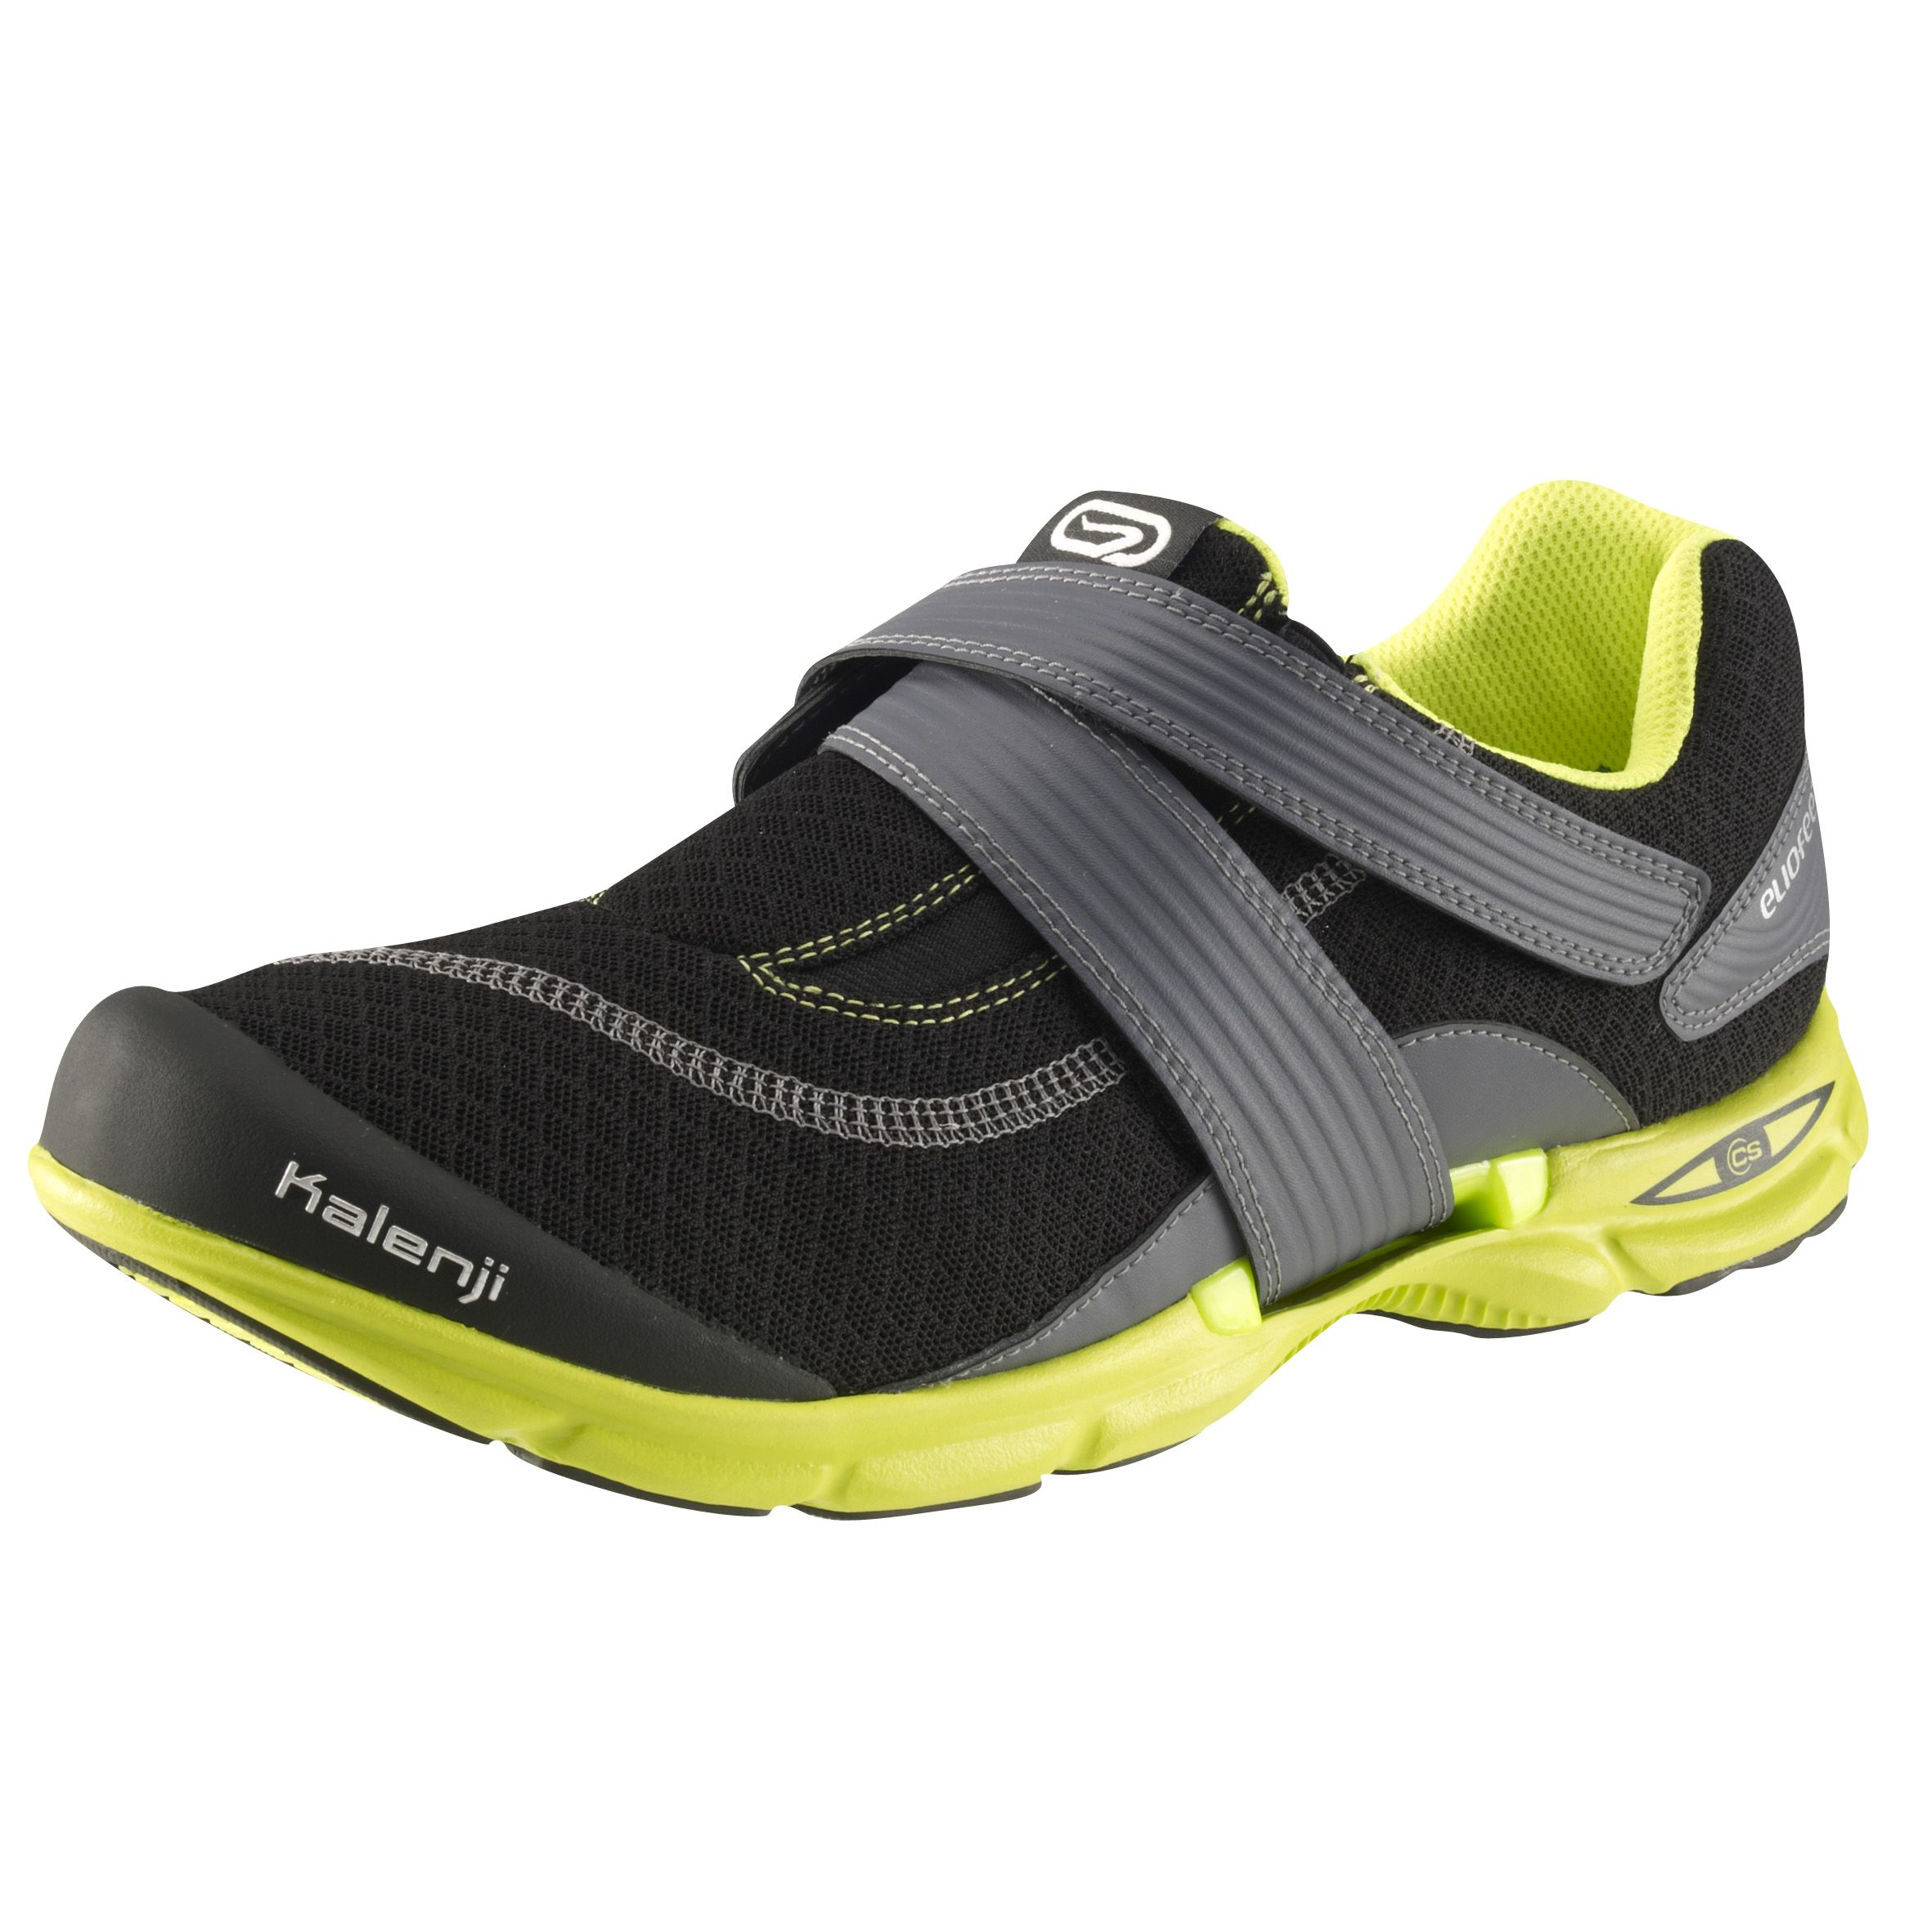 Eliofeet black yellow - Sports et équipements - Running - Kalenji ... 581e62b77e2